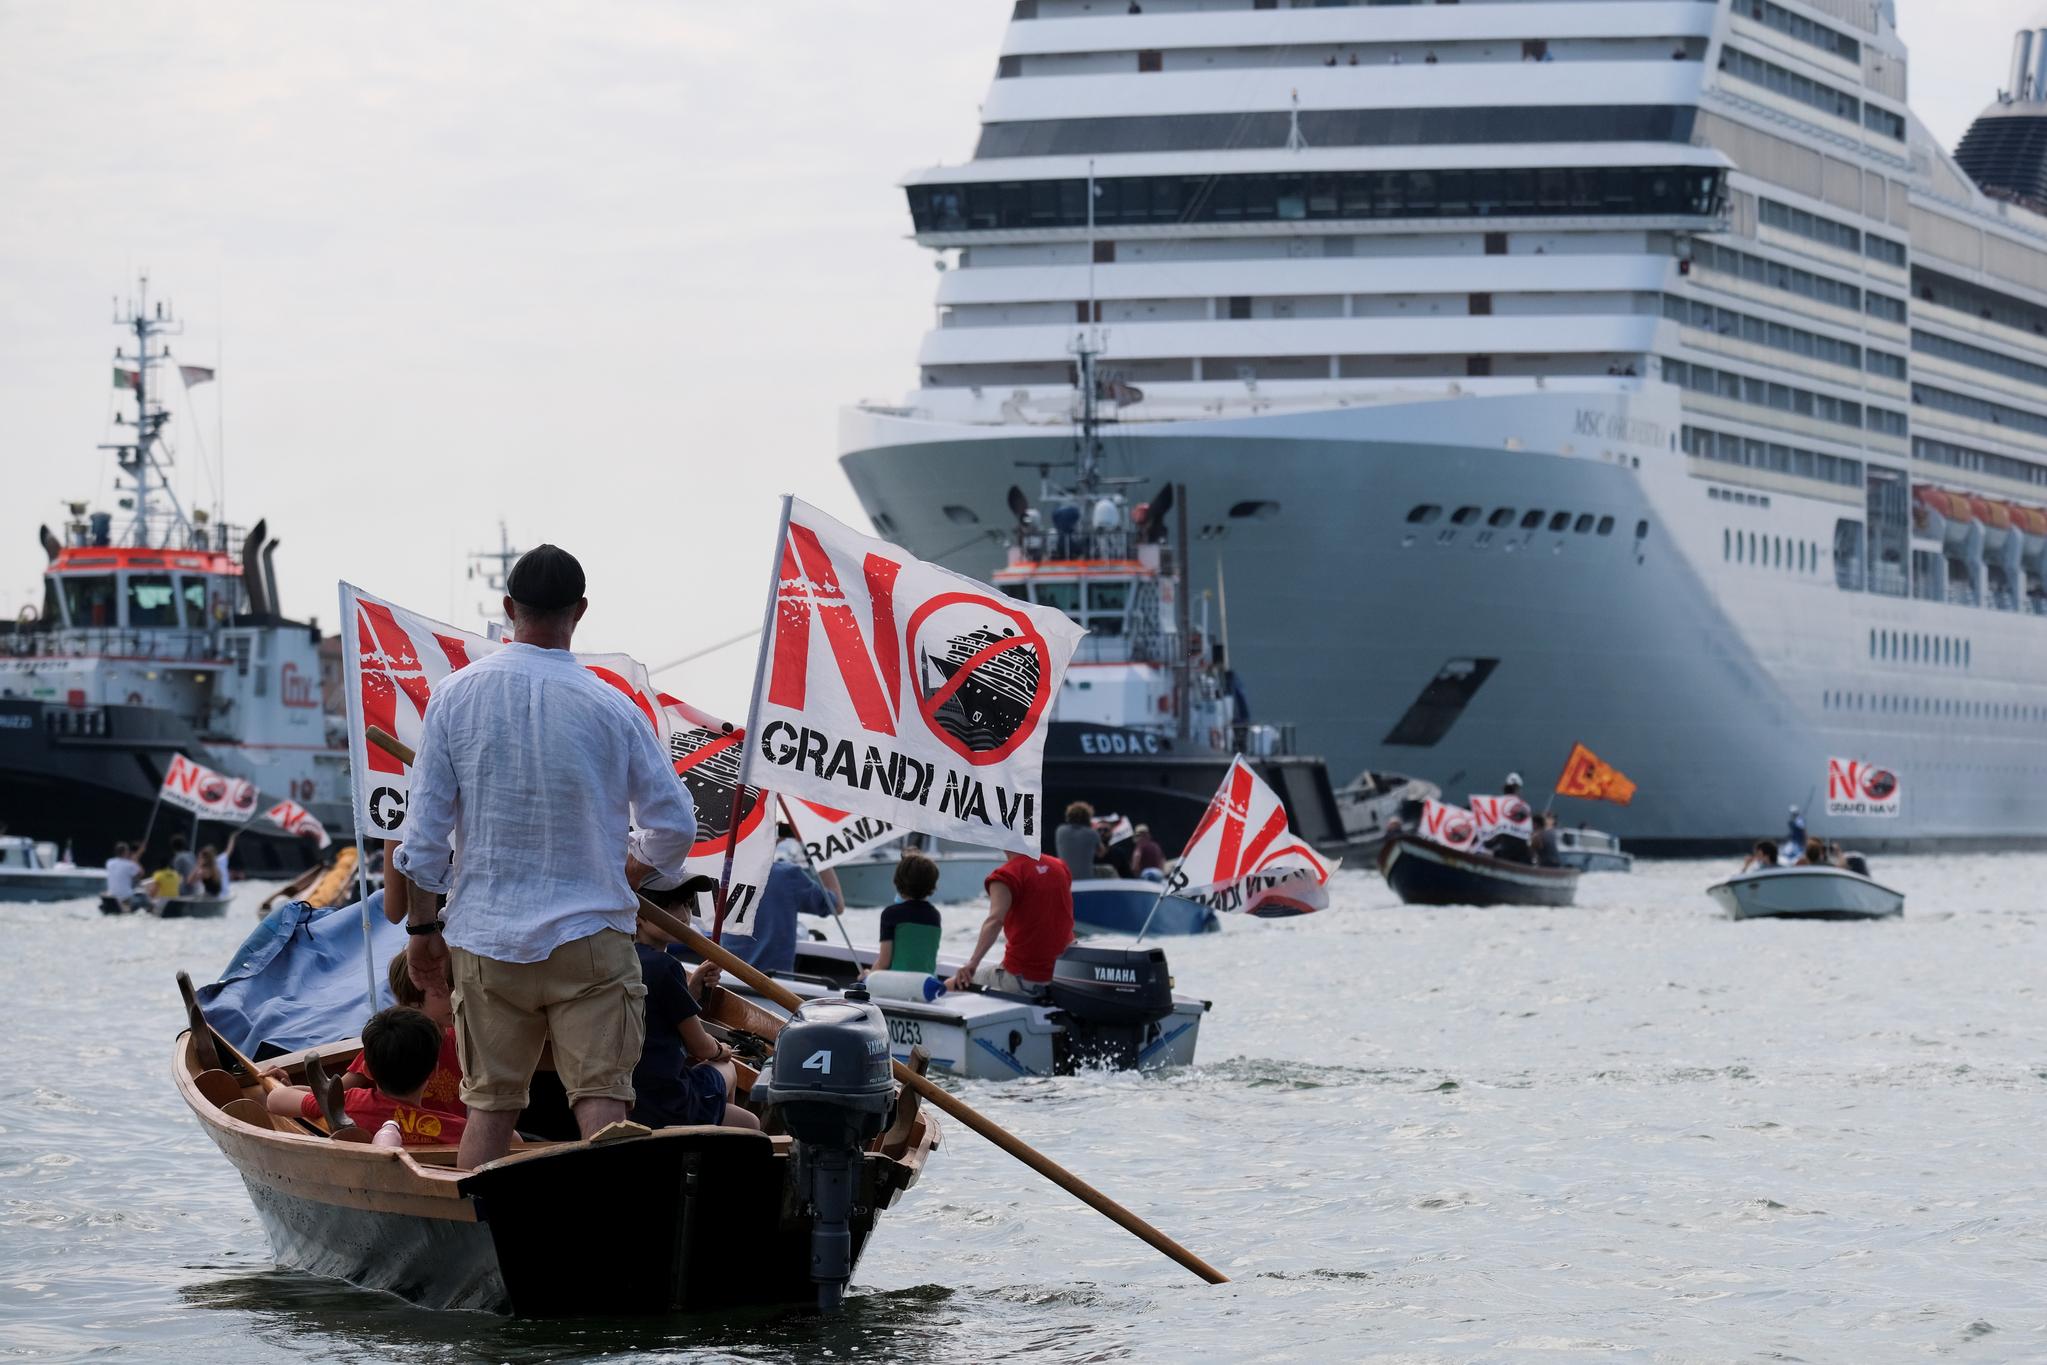 베네치아 시민들이 5일 베네치아를 떠나는 MSC 오케스트라 앞에서 크루즈선의 석호 통과를 반대하는 시위를 벌이고 있다. MSC 오케스트라는 코로나 대유행 이후 17개월만에 처음으로 베네치아에 도착한 대형 크루즈선이다. 로이터=연합뉴스